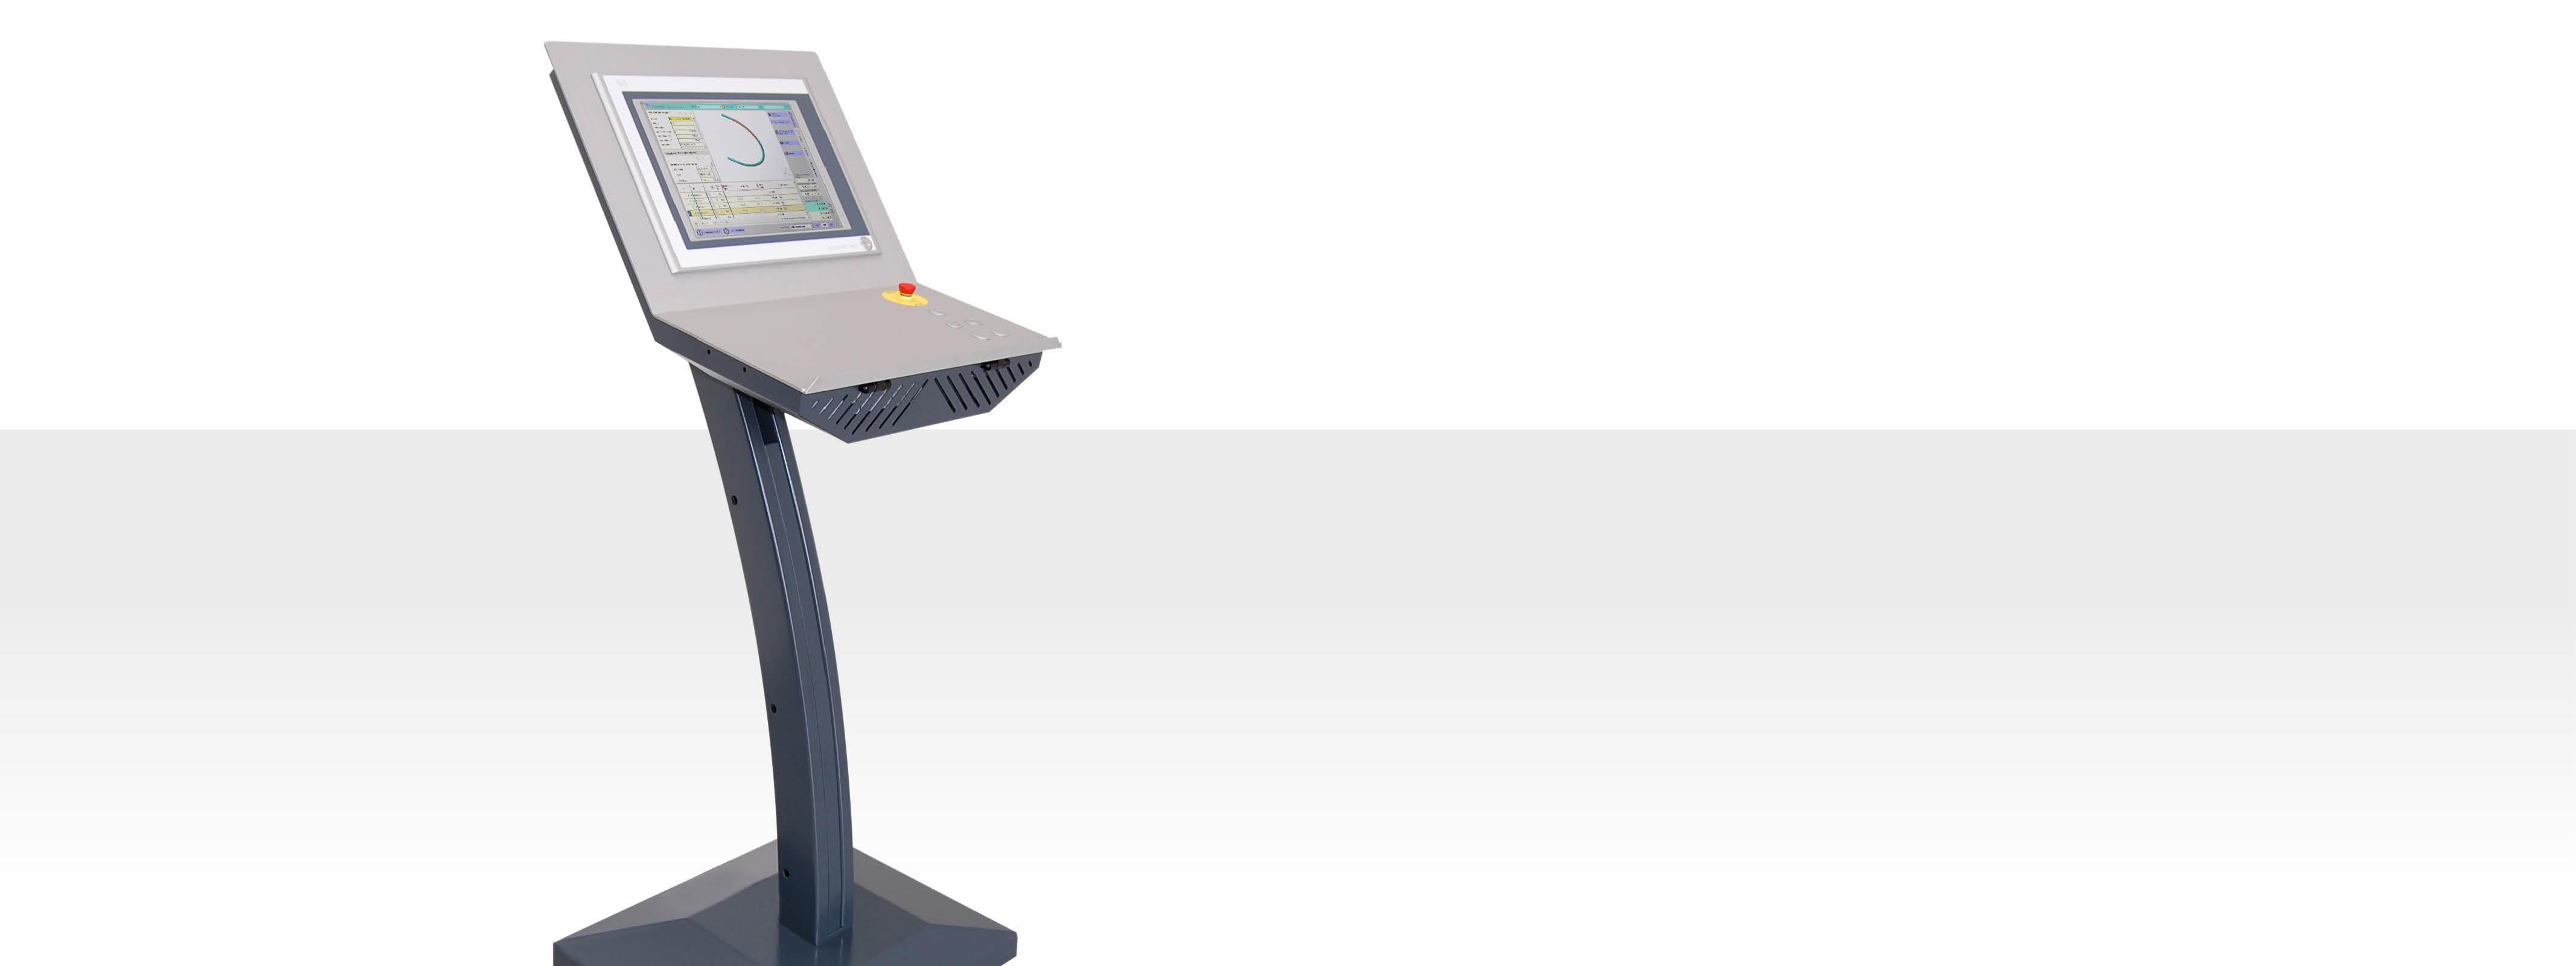 CNC-S Steuerungstechnologie für Rohrbiegemaschinen - Thoman Biegemaschinen